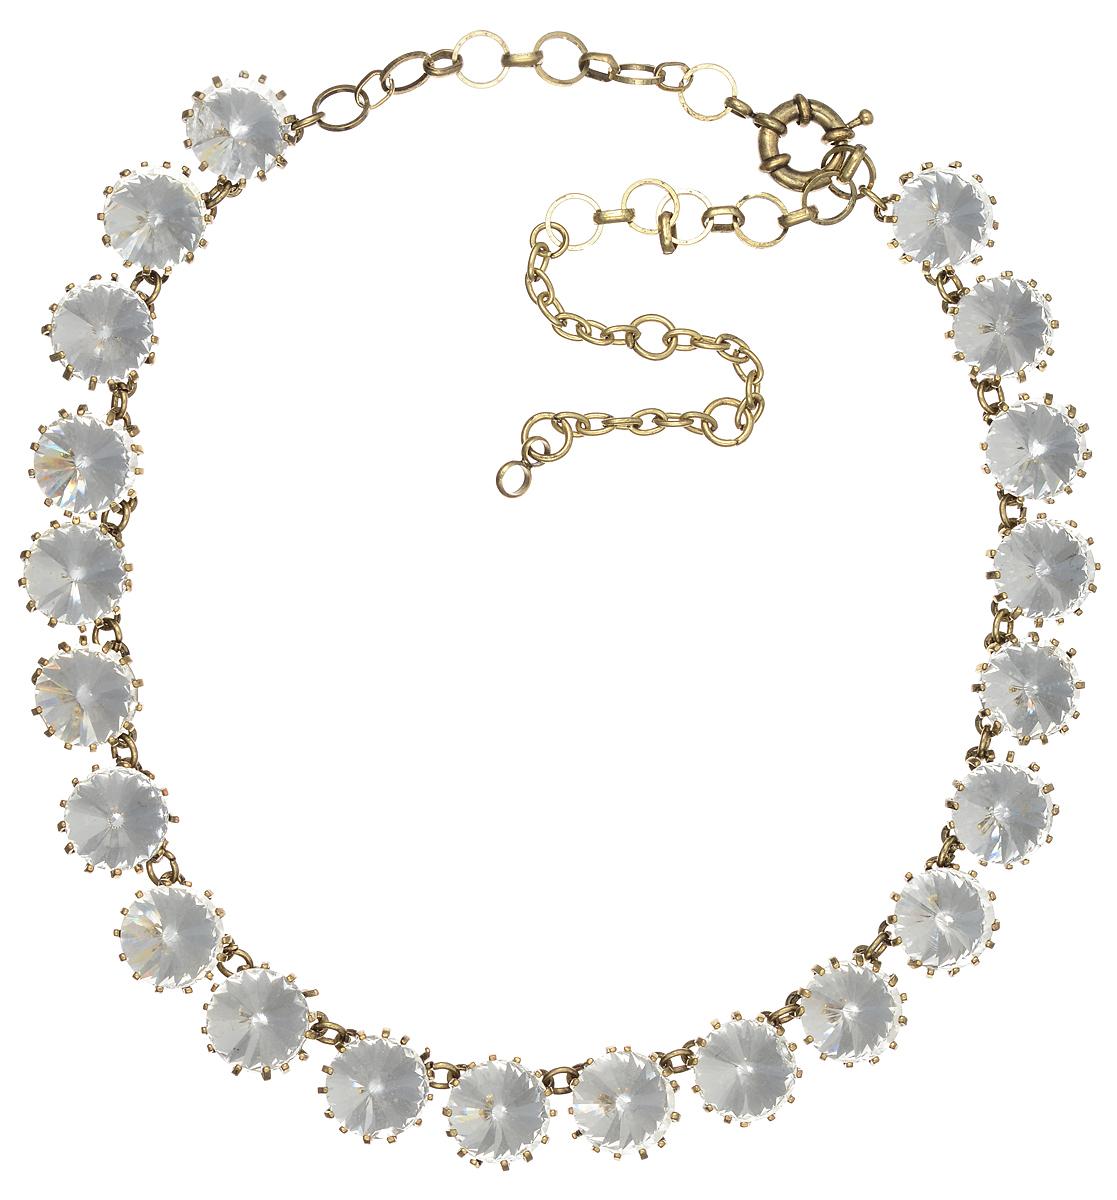 Ожерелье Taya, цвет: золотистый, белый. T-B-7665Бусы-ошейникЭлегантное ожерелье Taya выполнено из бижутерийного сплава. Изделие оформлено стразами из стекла.Ожерелье застегивается на практичный замок-карабин, длина изделия регулируется за счет дополнительных звеньев.Ожерелье Taya выгодно подчеркнет изящество, женственность и красоту своей обладательницы.